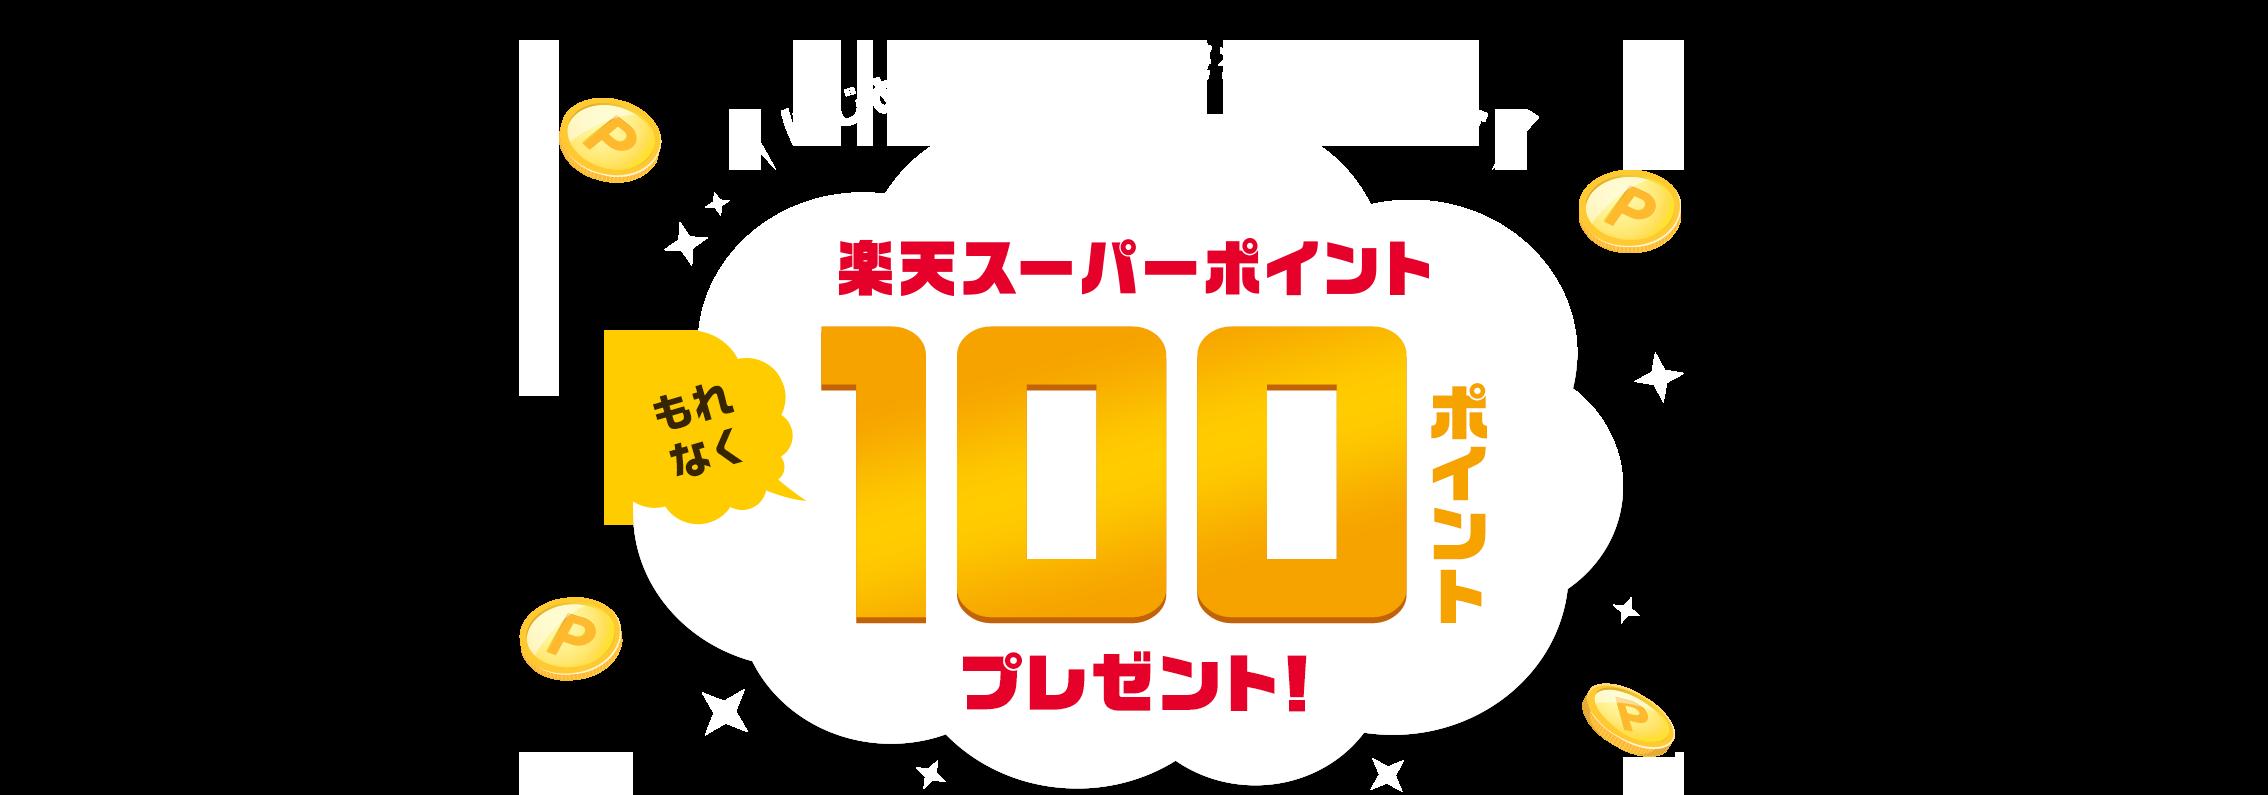 ぐるなび×楽天ID連携でもれなく100楽天ポイントが貰える。~2/29。